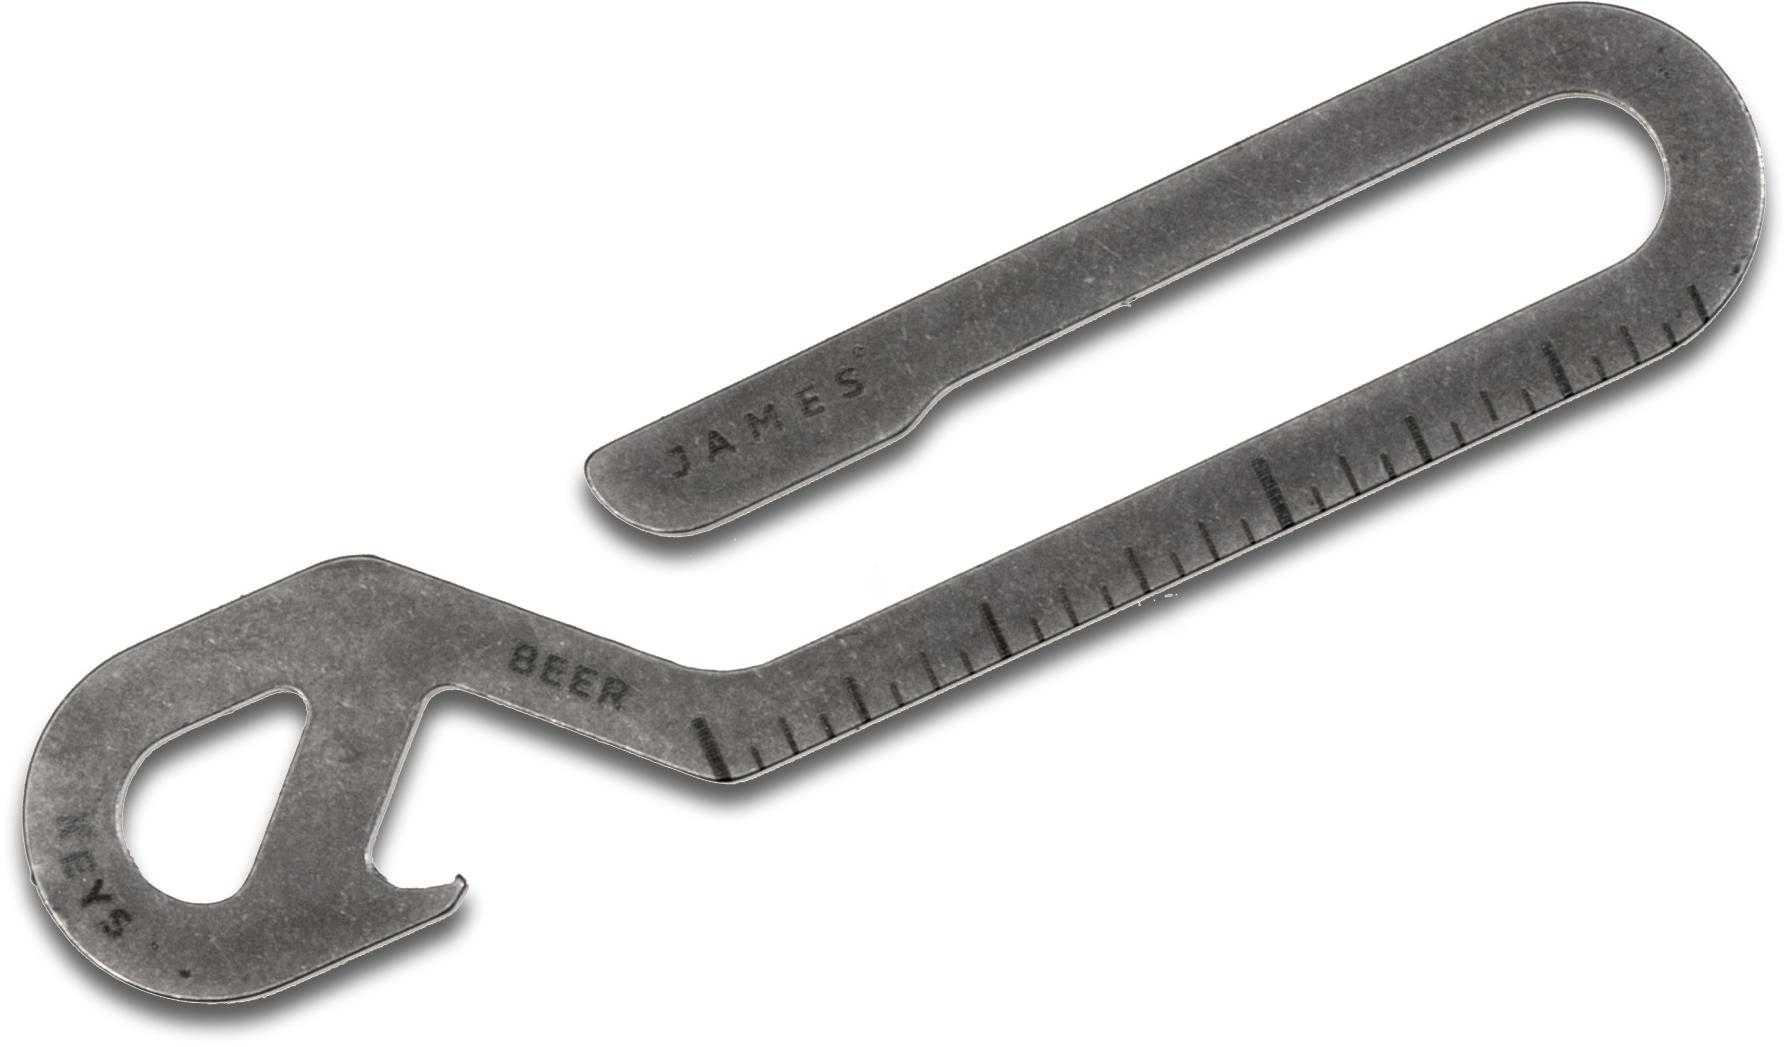 The James Brand Hook Key Loop/Bottle Opener Multi-Tool, Raw Stainless Steel